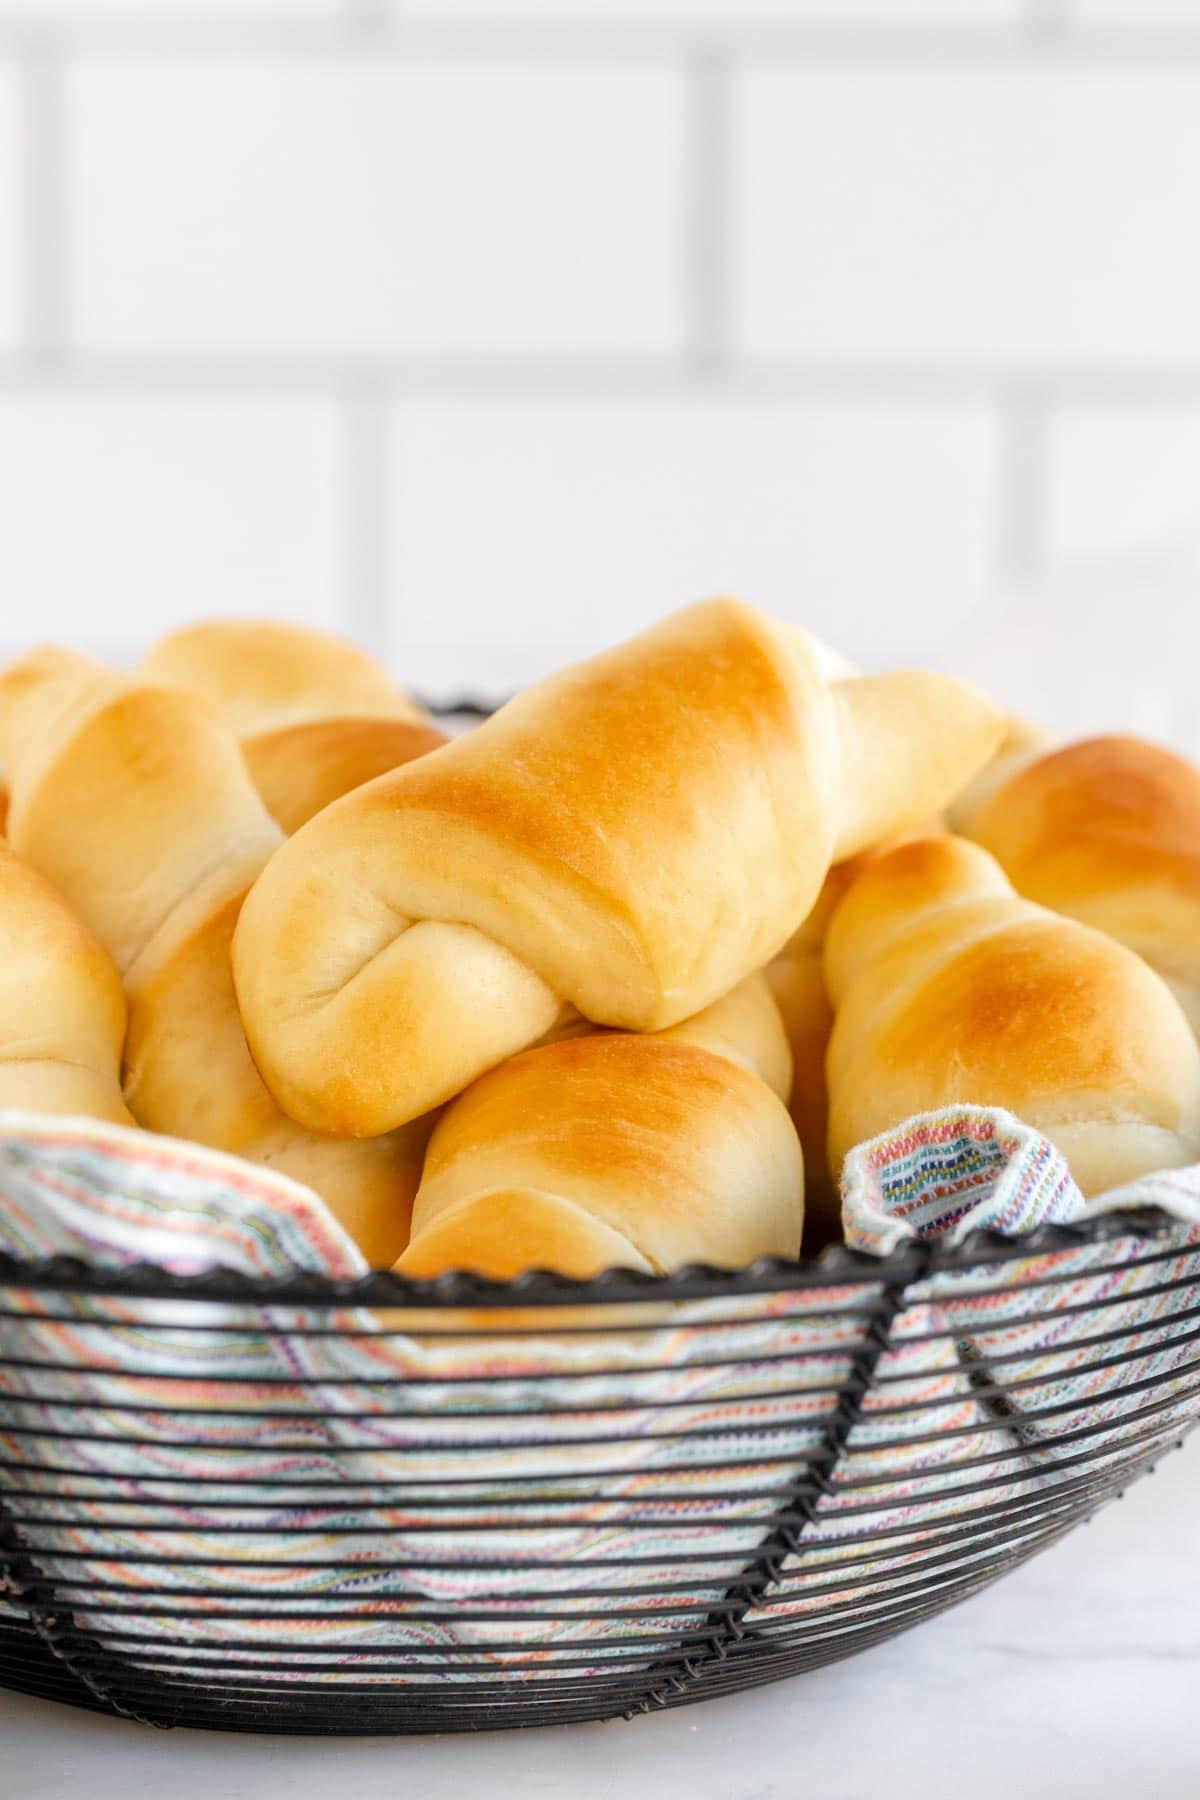 Basket full of homemade crescent rolls